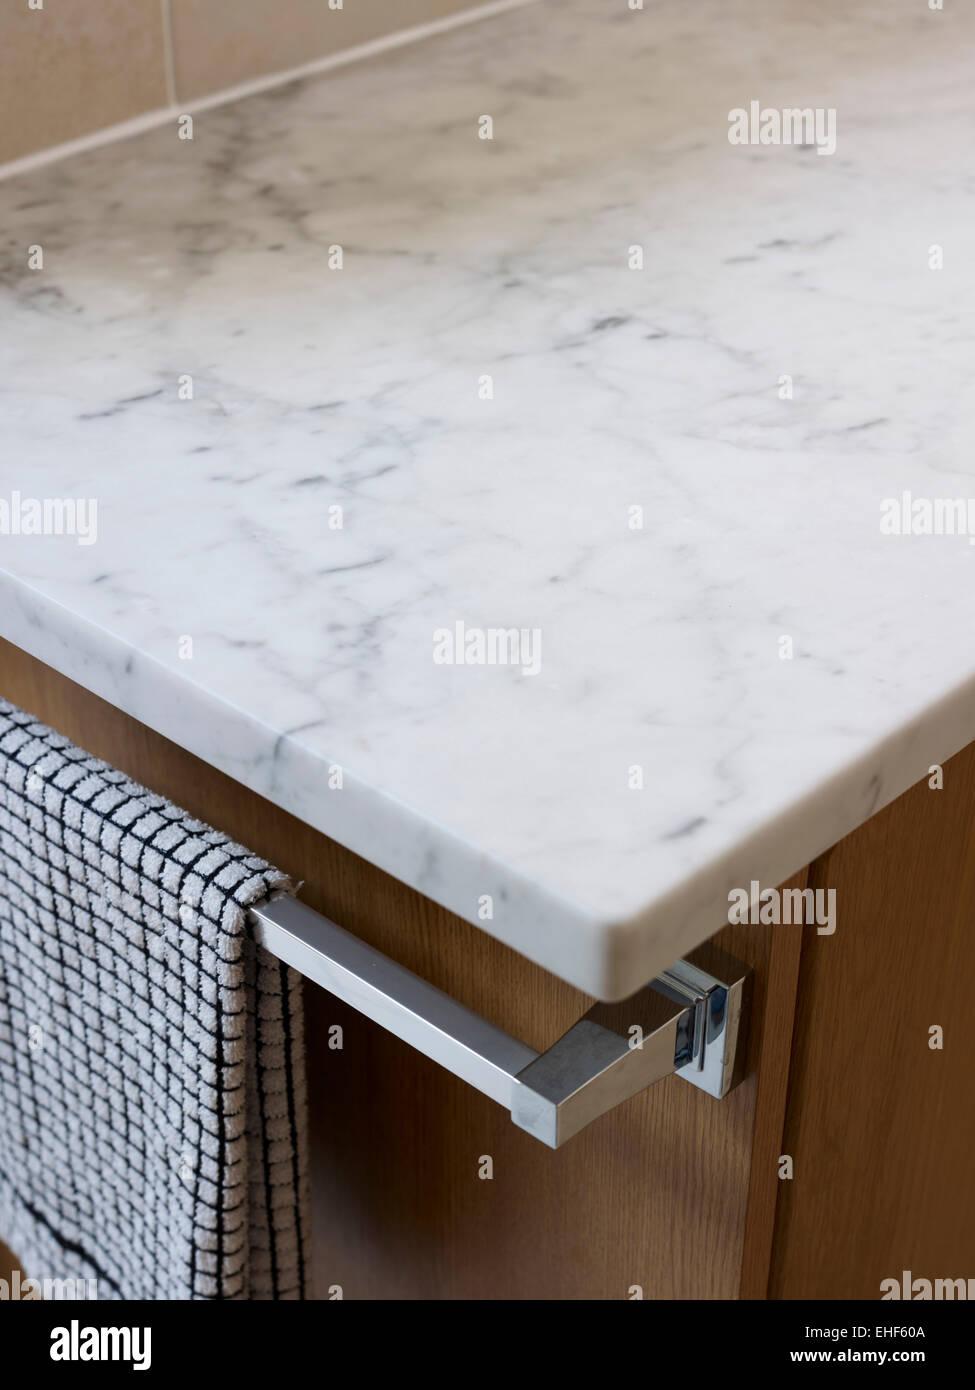 Kuchenarbeitsplatte Aus Marmor Und Geschirrtuch Rail Detail In